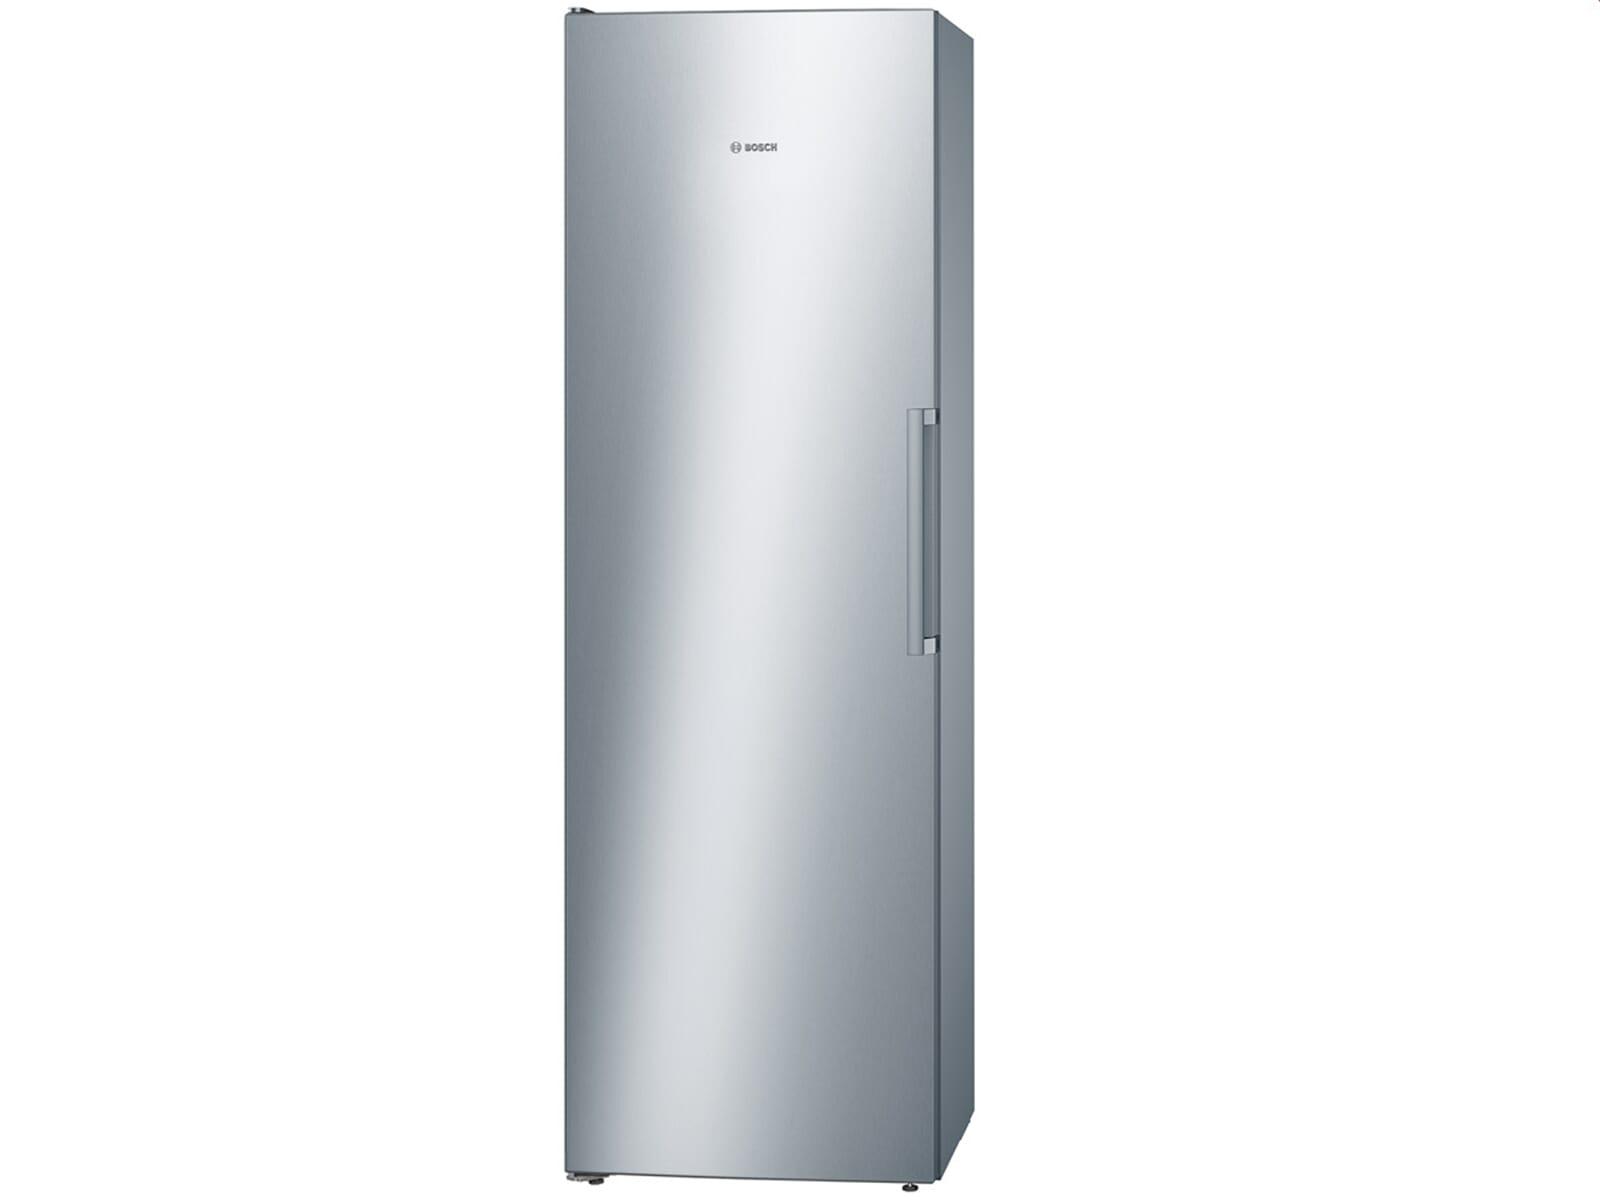 Bosch KSV36VL30 Standkühlschrank Edelstahl Optik